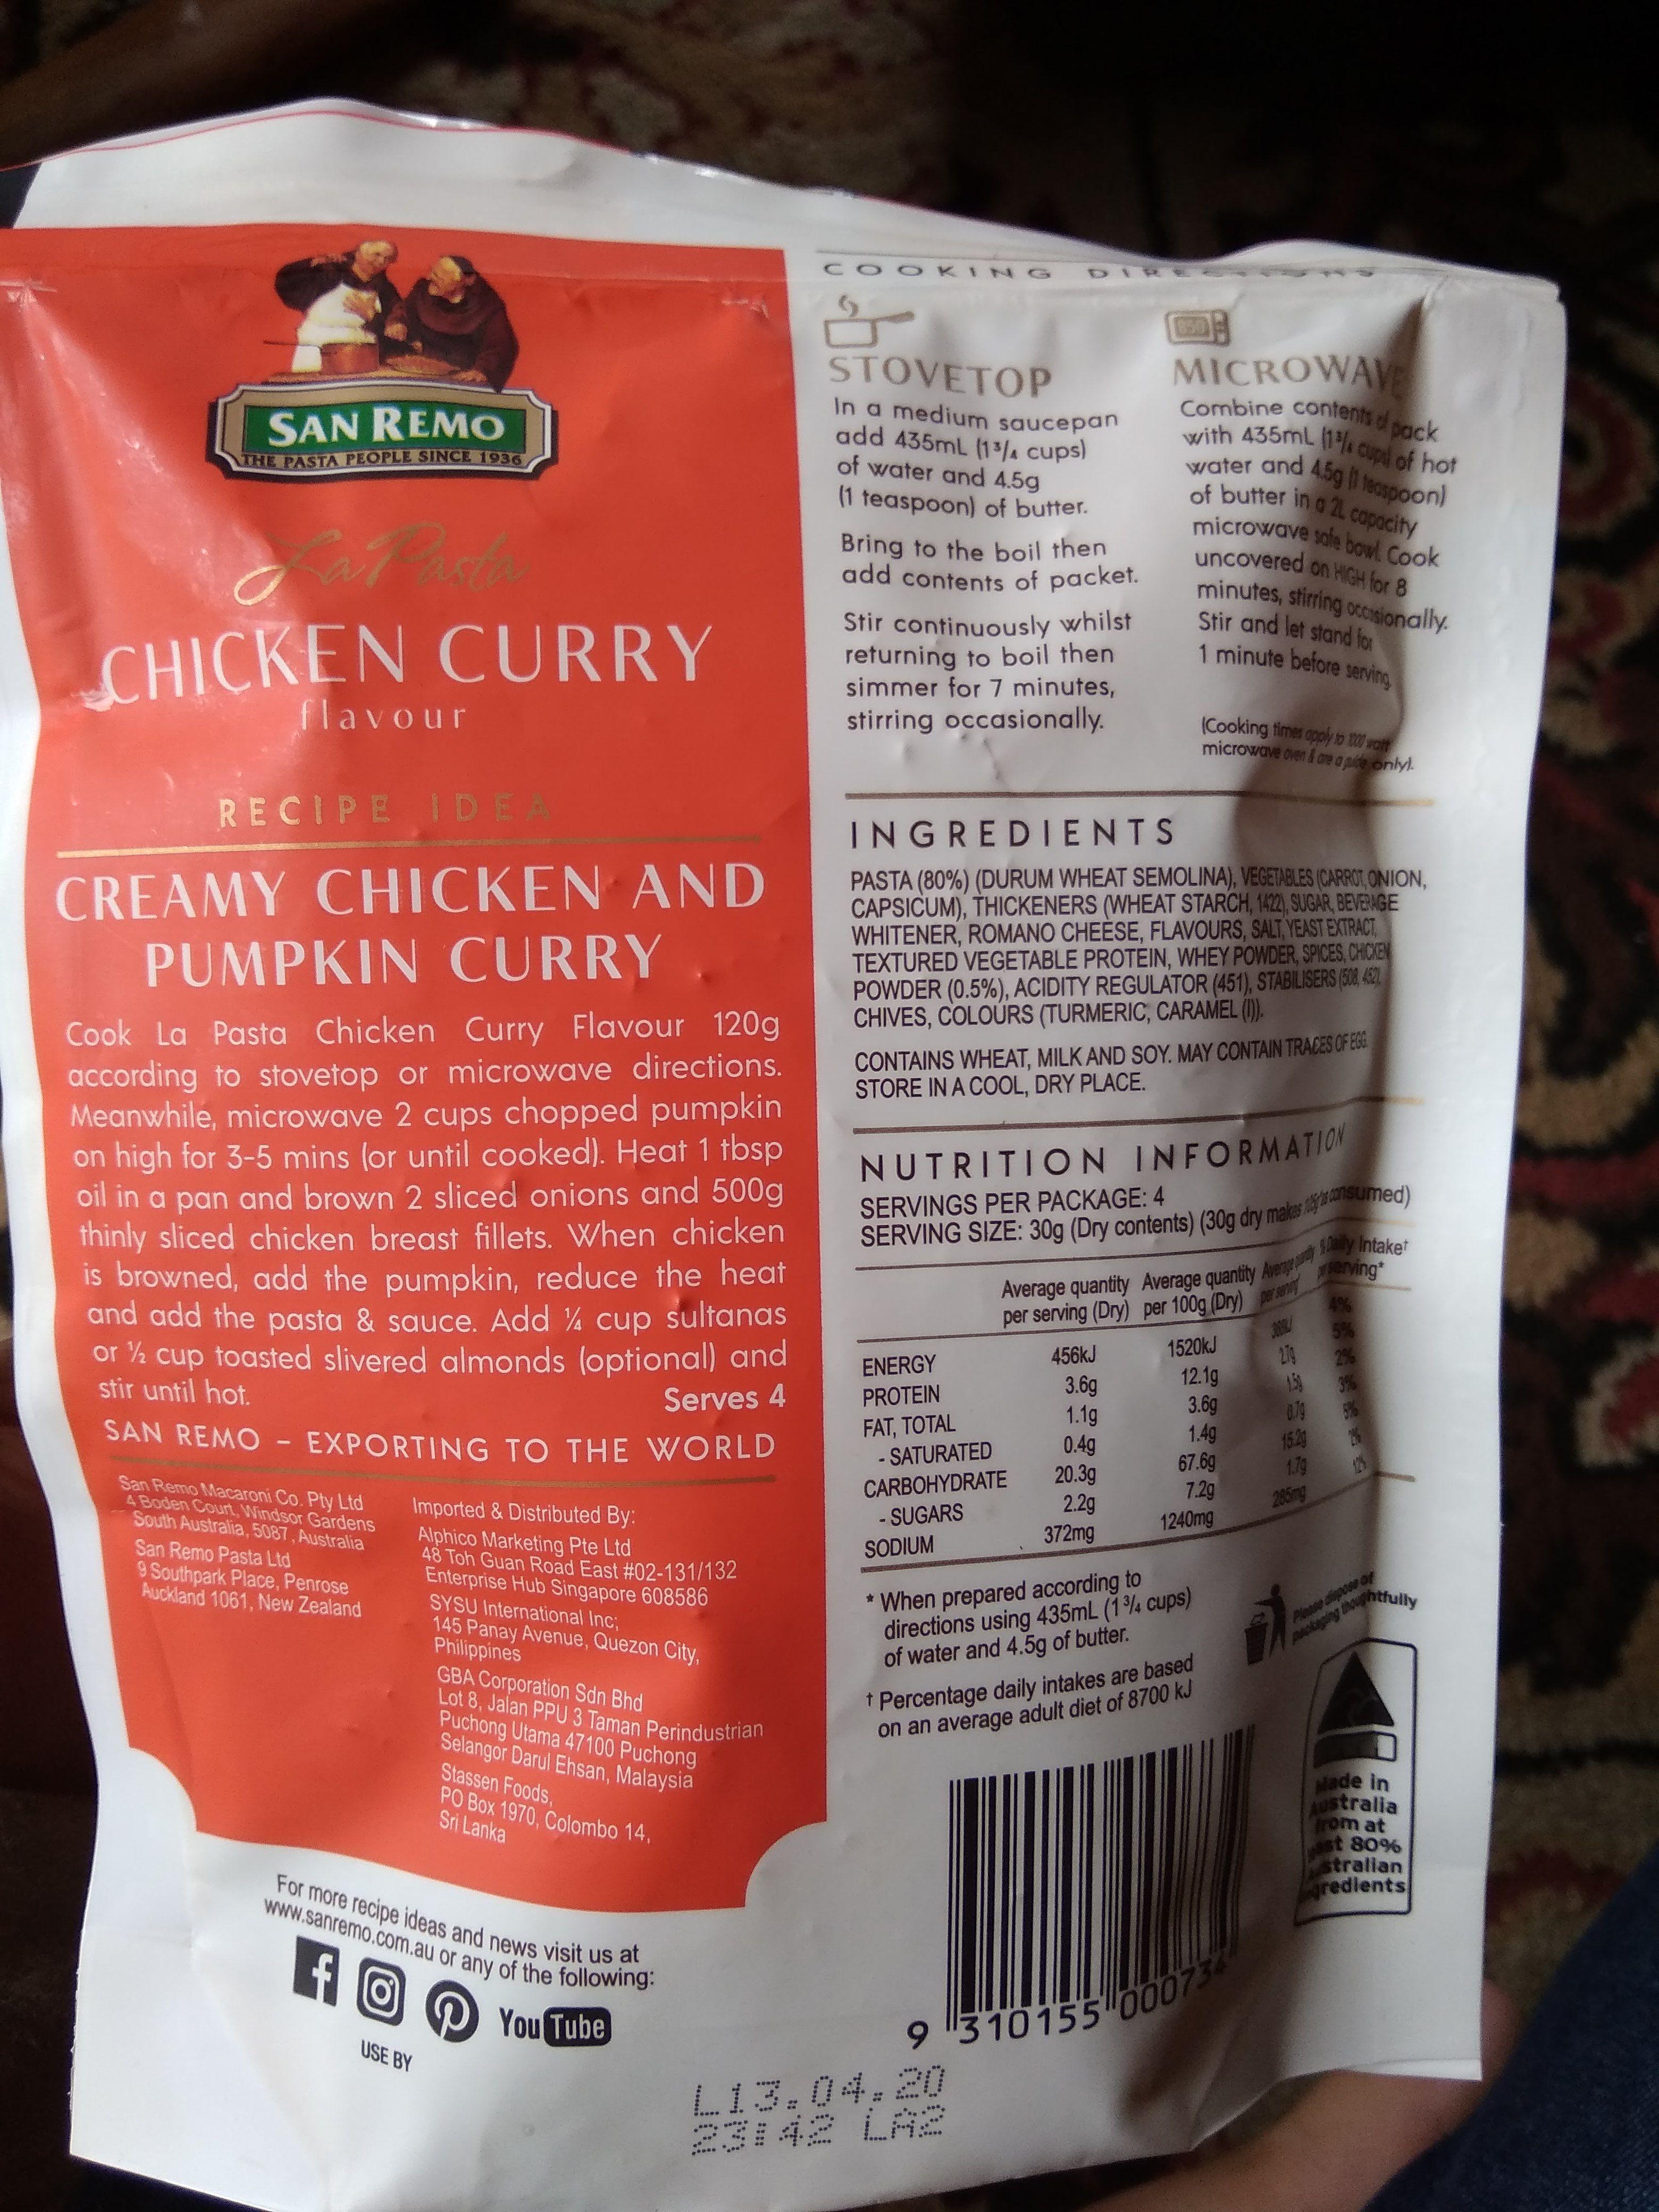 gambar review ke-2 untuk San Remo La Pasta - Chicken Curry